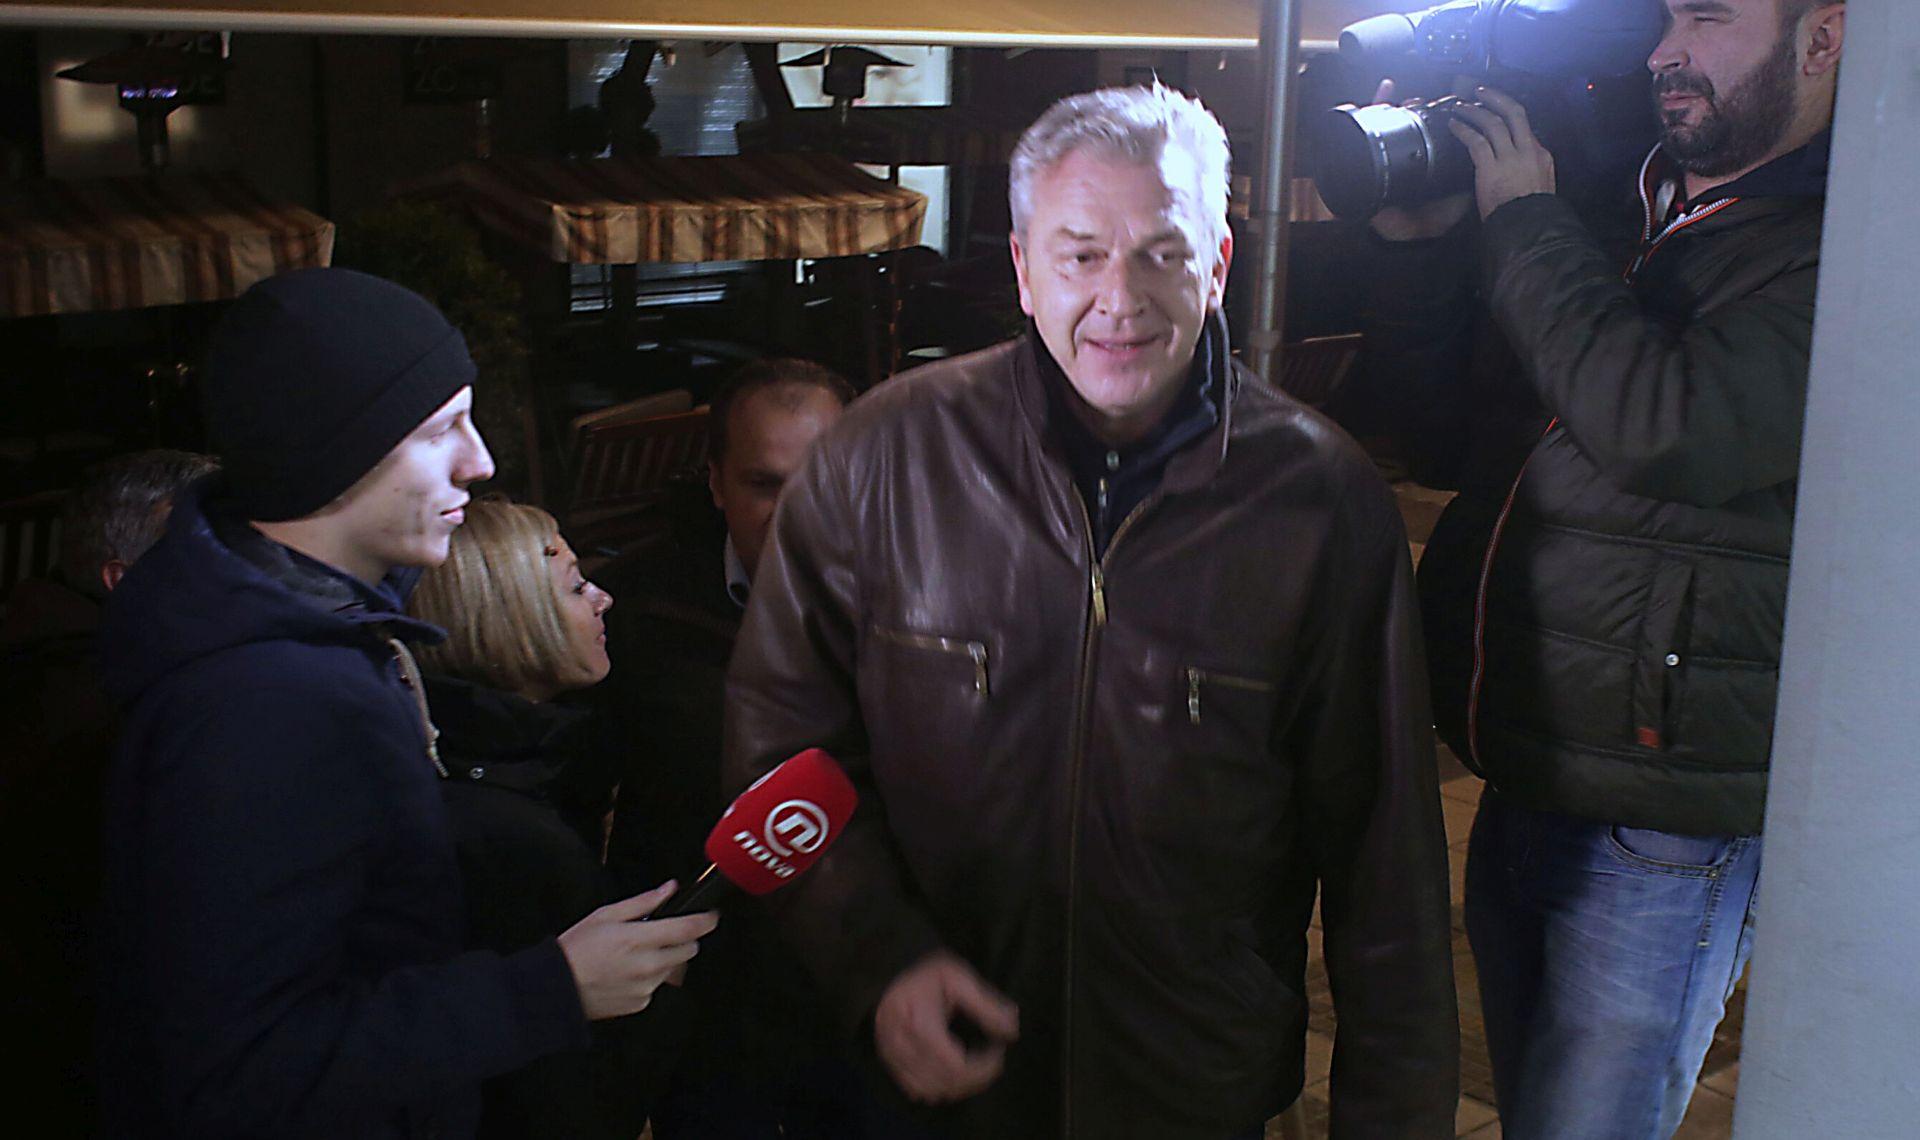 Predsjedništvo SDP-a odlučuje o Mostovu prijedlogu